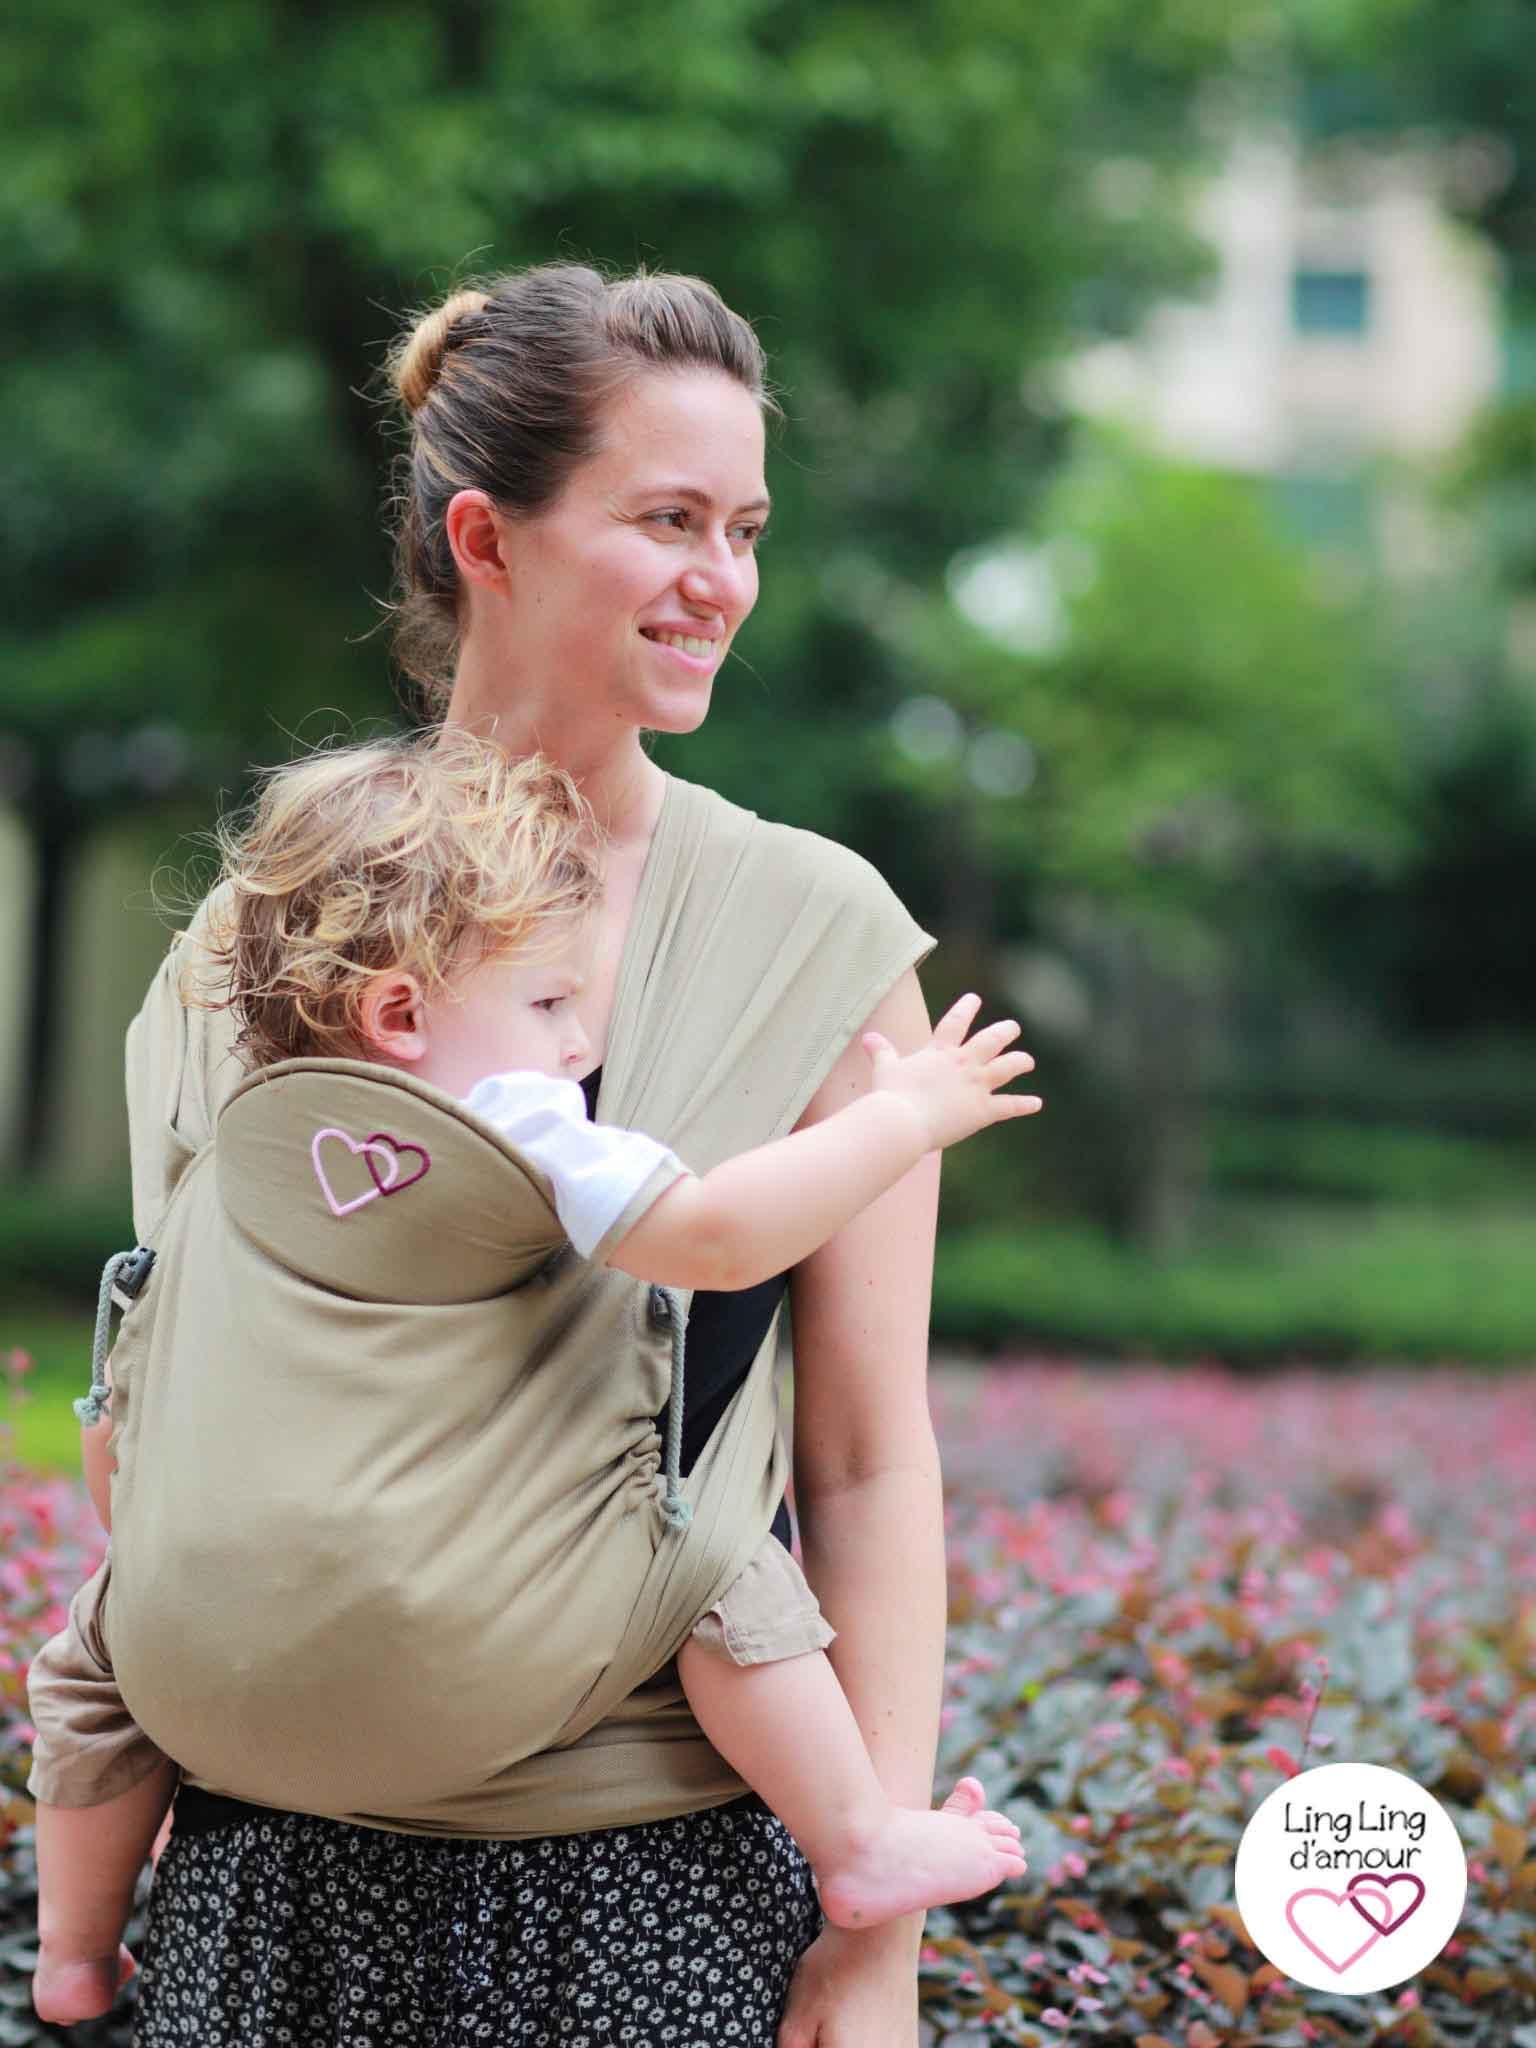 porte bébé meitai Mid-Tai Ling Ling d'amour